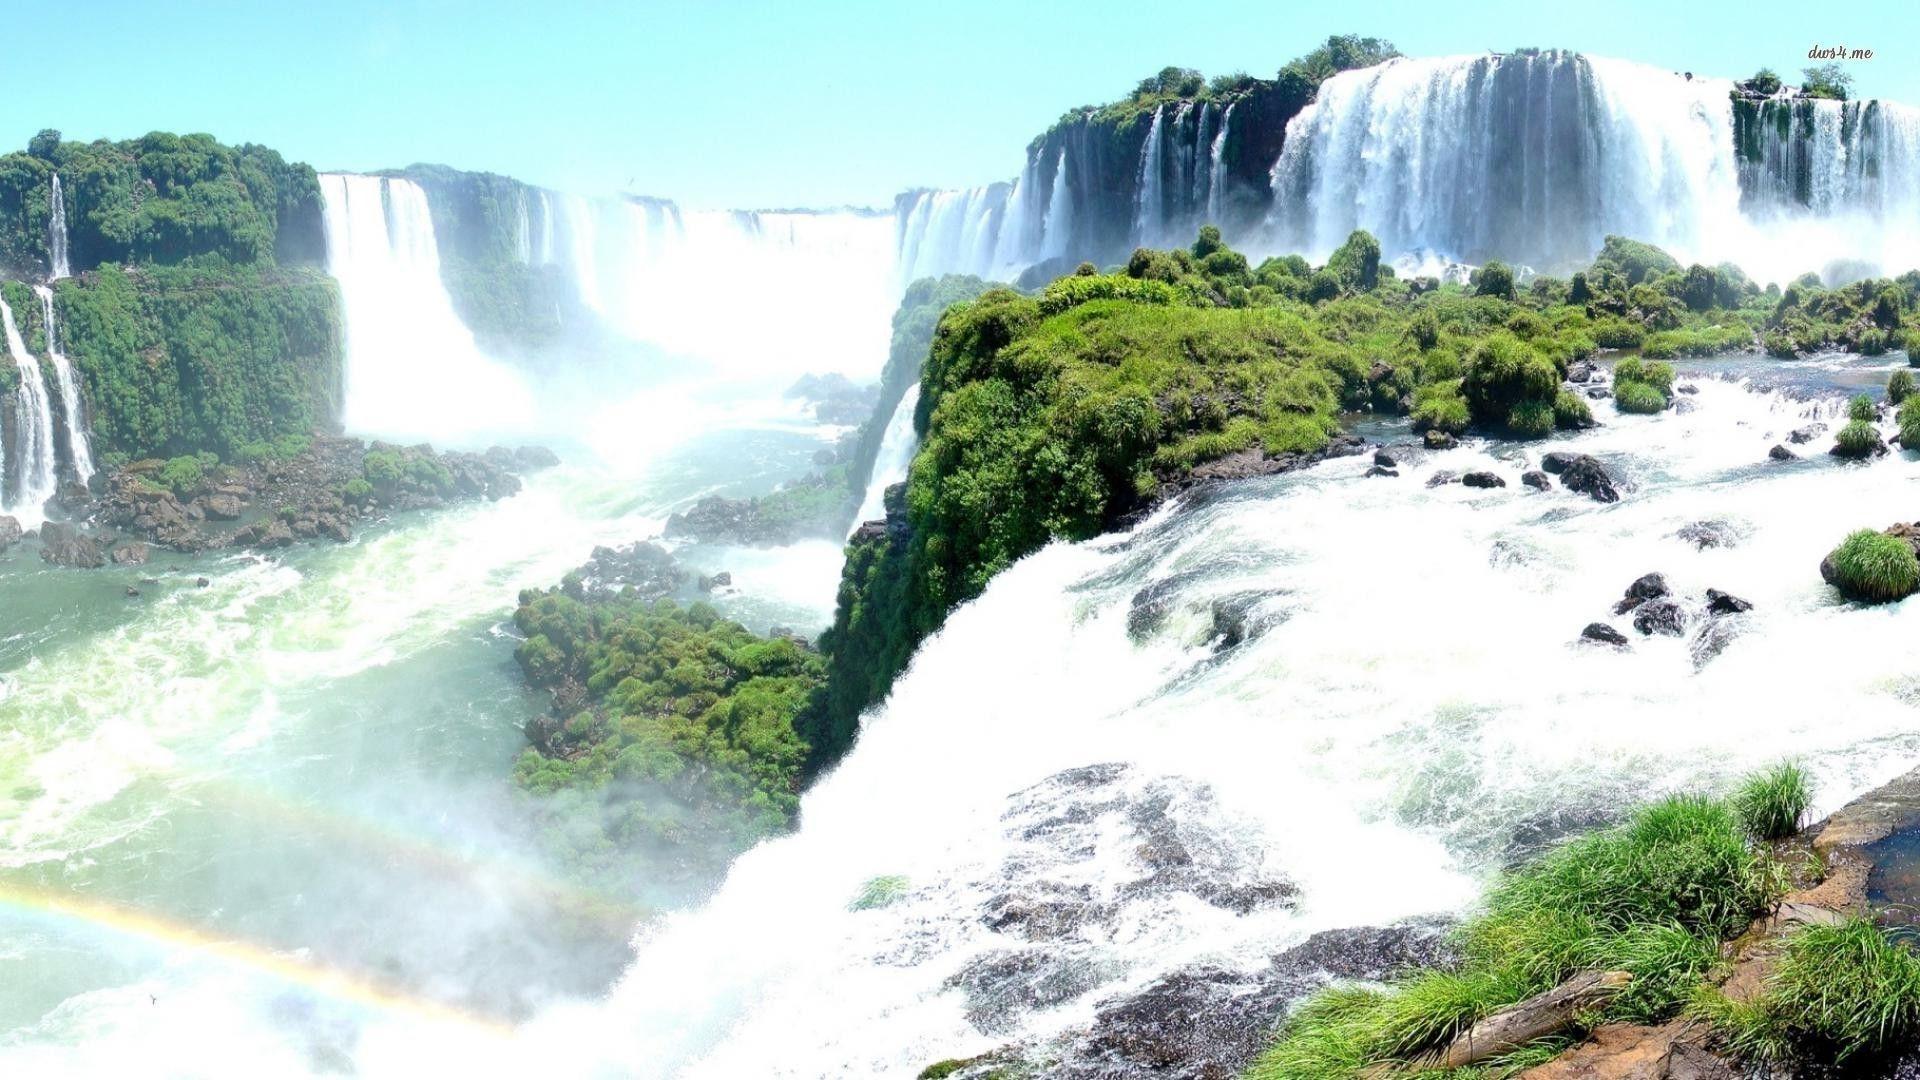 Iguazu Falls Wallpaper Iguazu Falls Wallpapers Wallpaper Cave